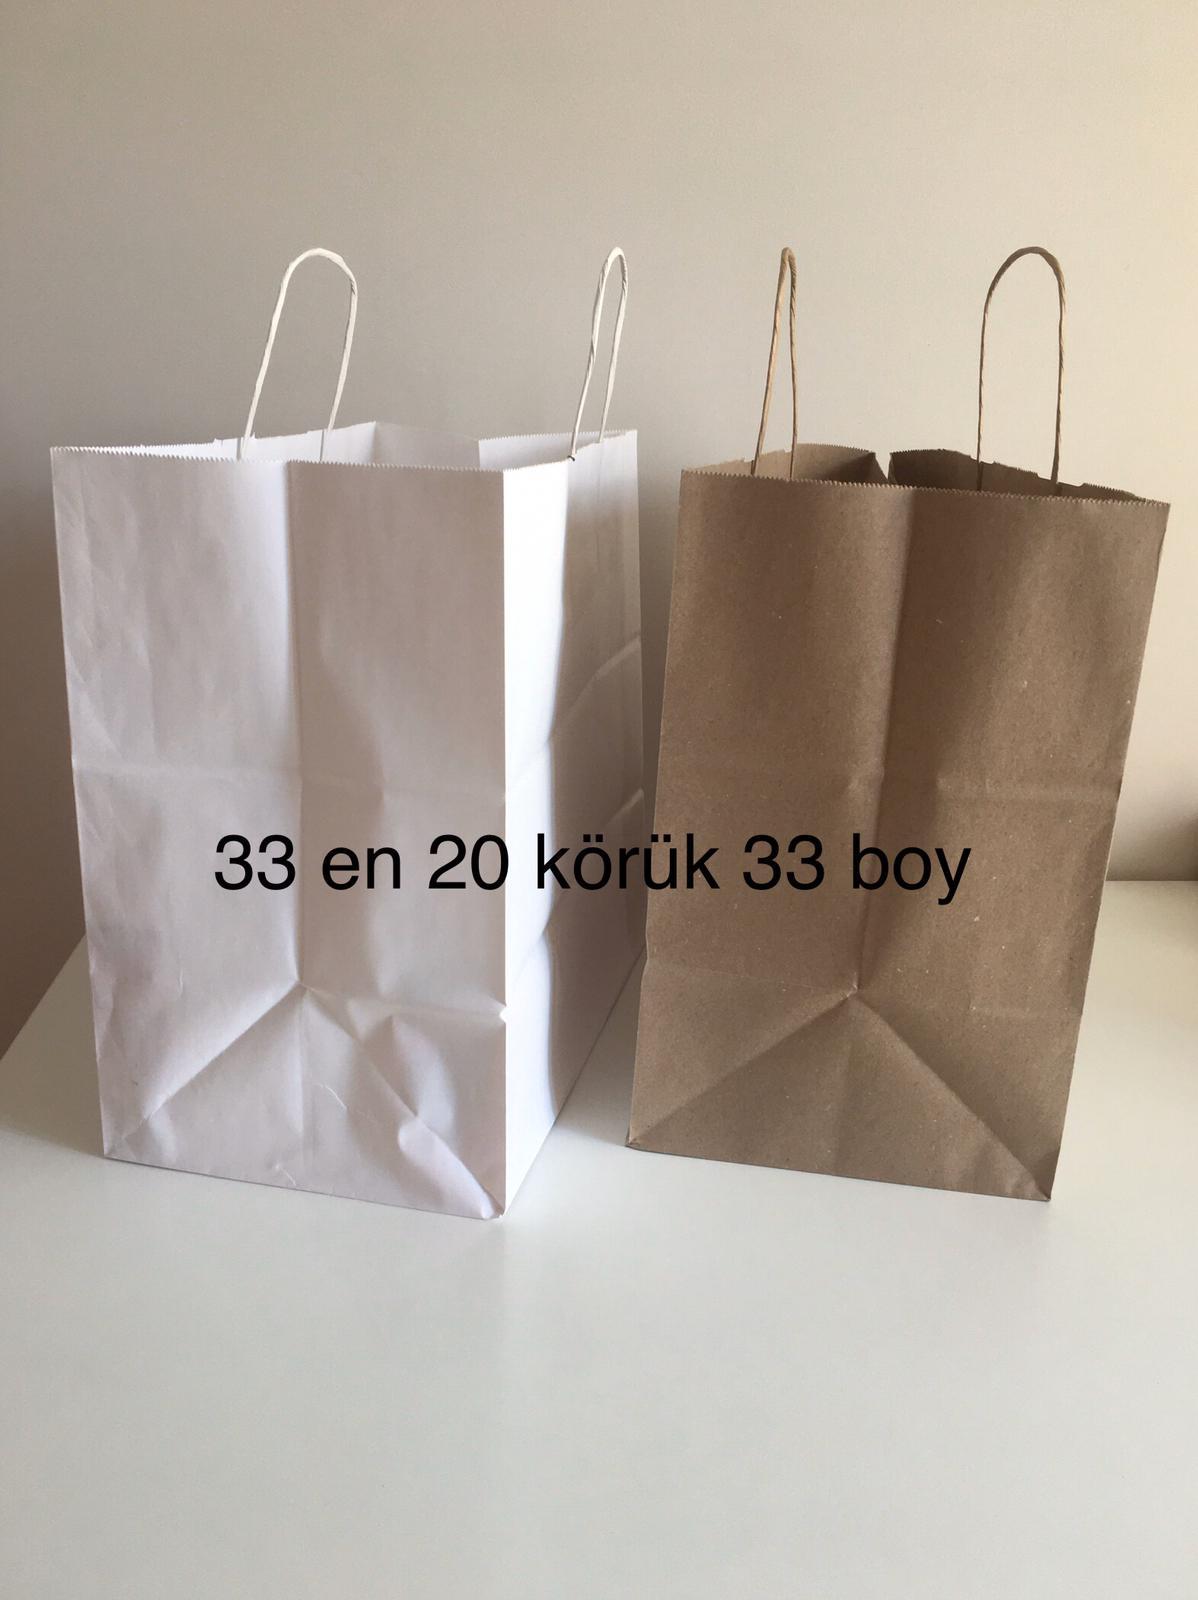 bcaa3ea9-3dd5-49fb-9654-40b867b12155-1